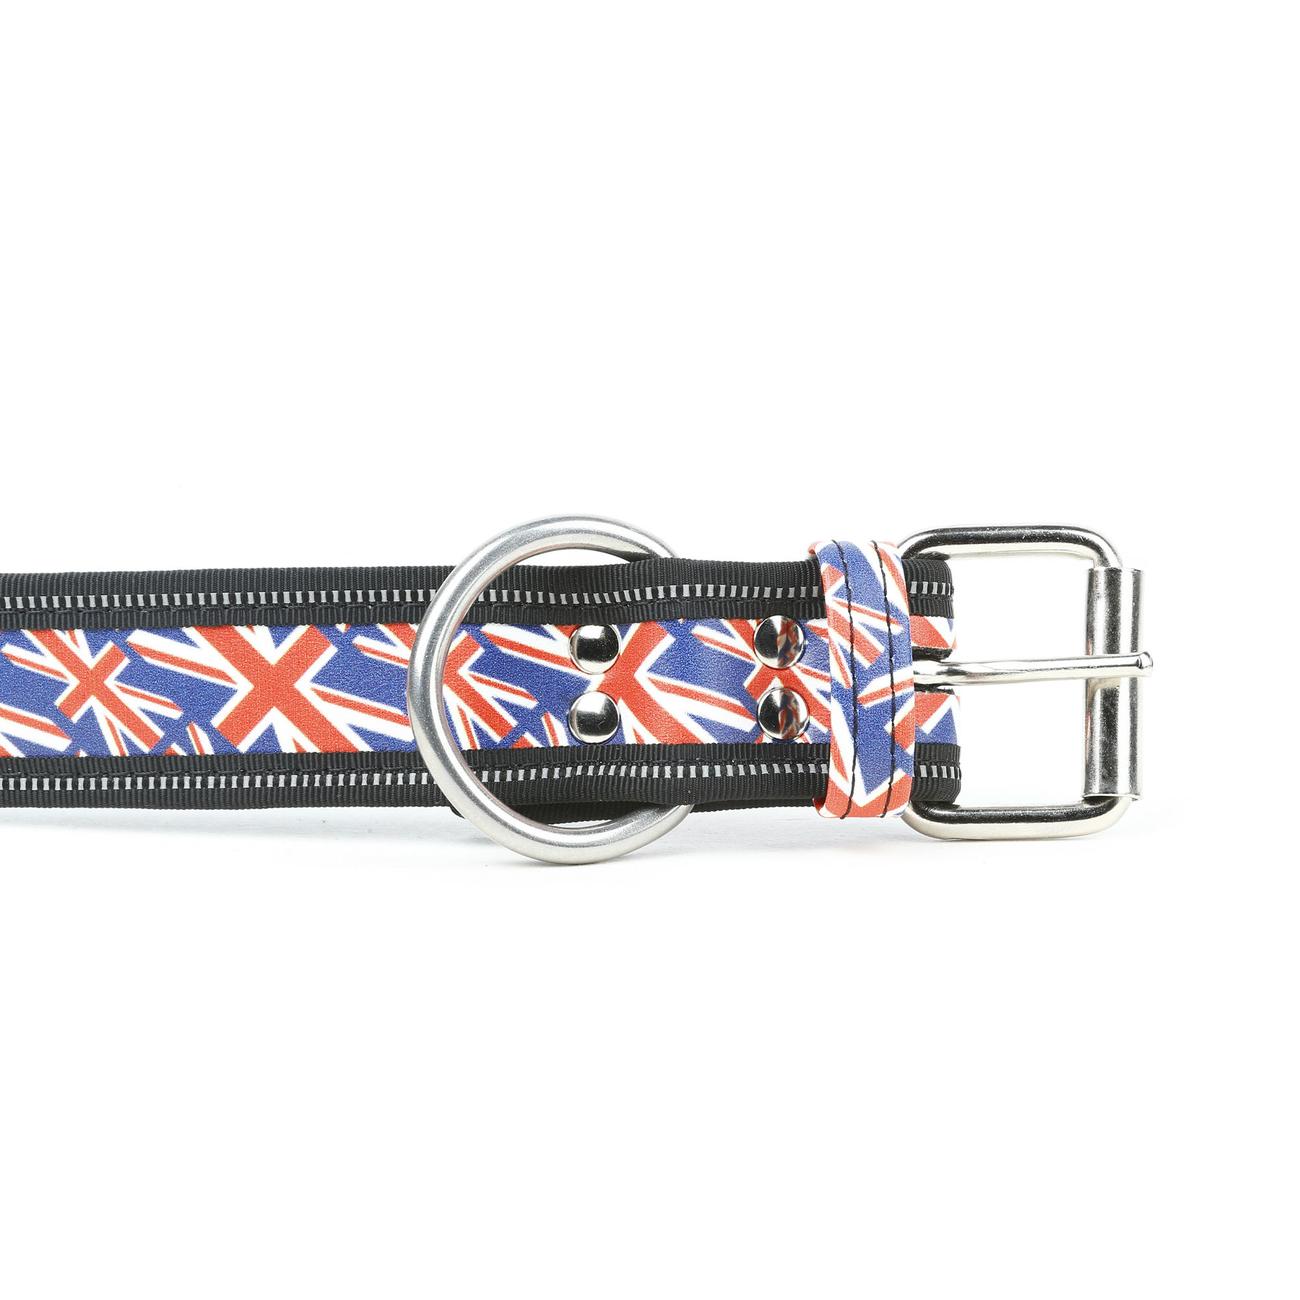 Julius K9 K9® Flaggenhalsband britisch, Bild 12